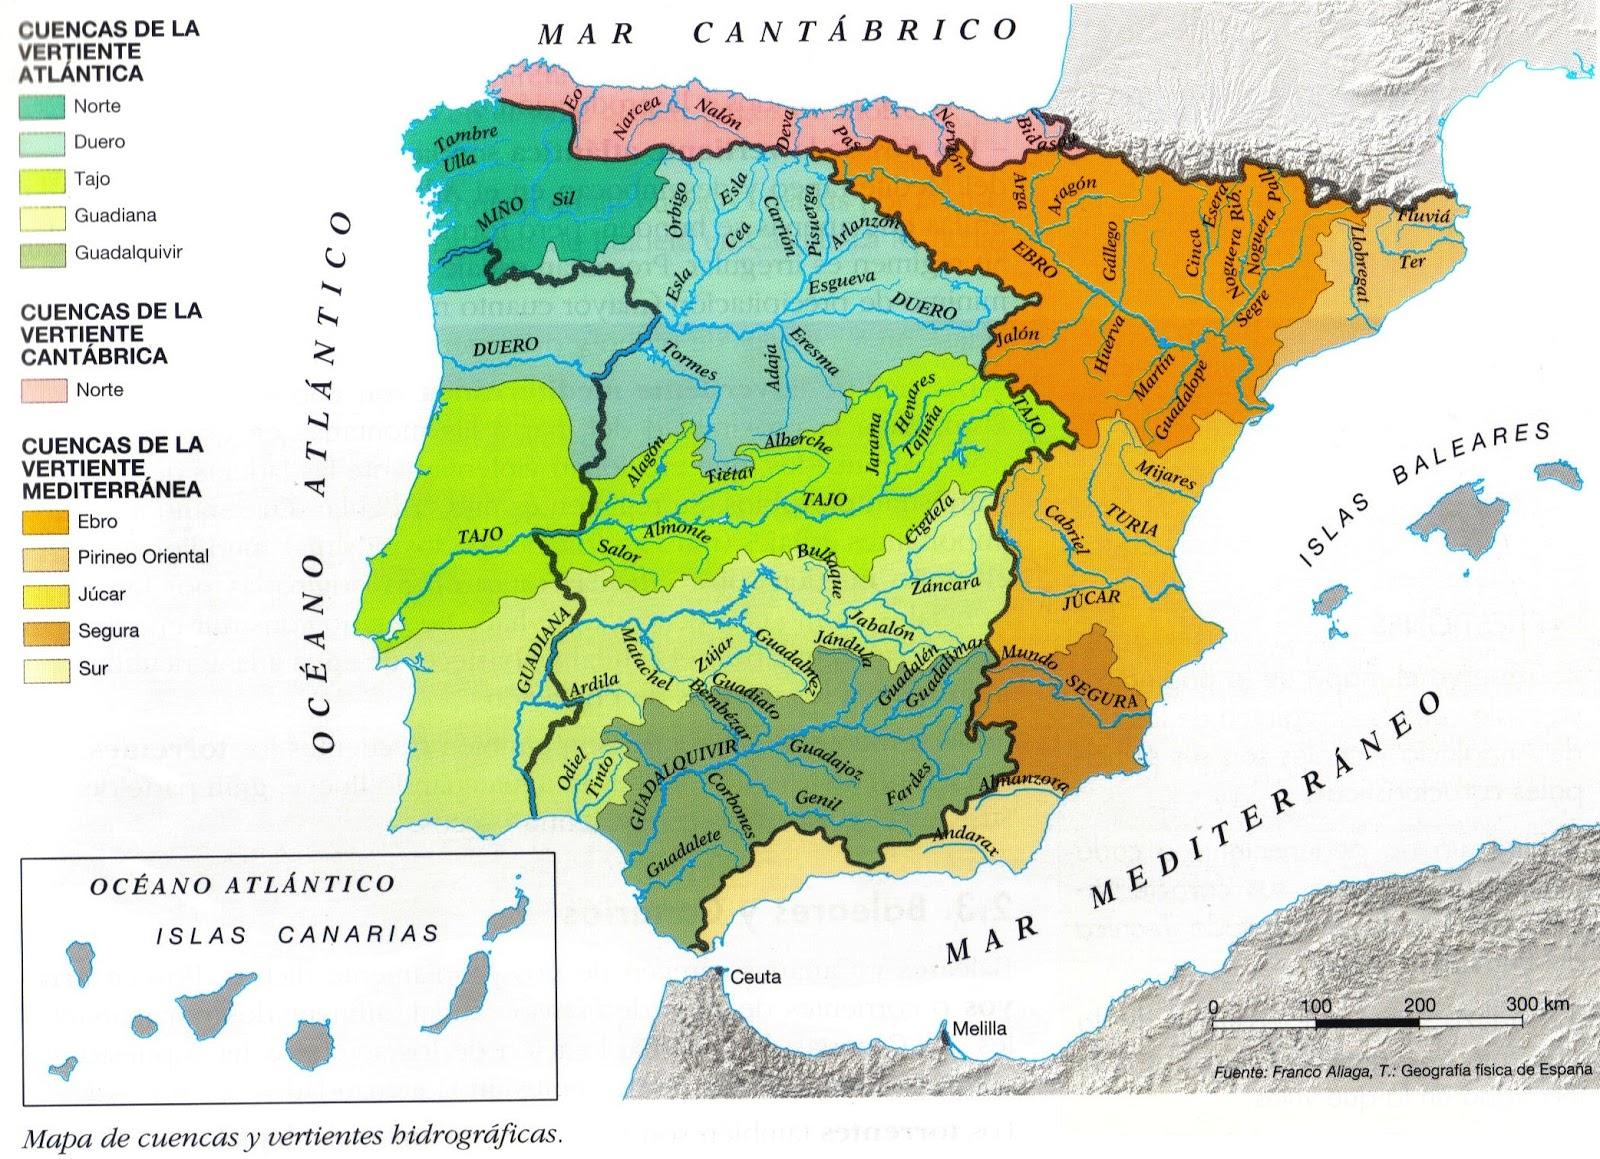 Mapa Hidrografico De España.Mapa Hidrografico De Espana